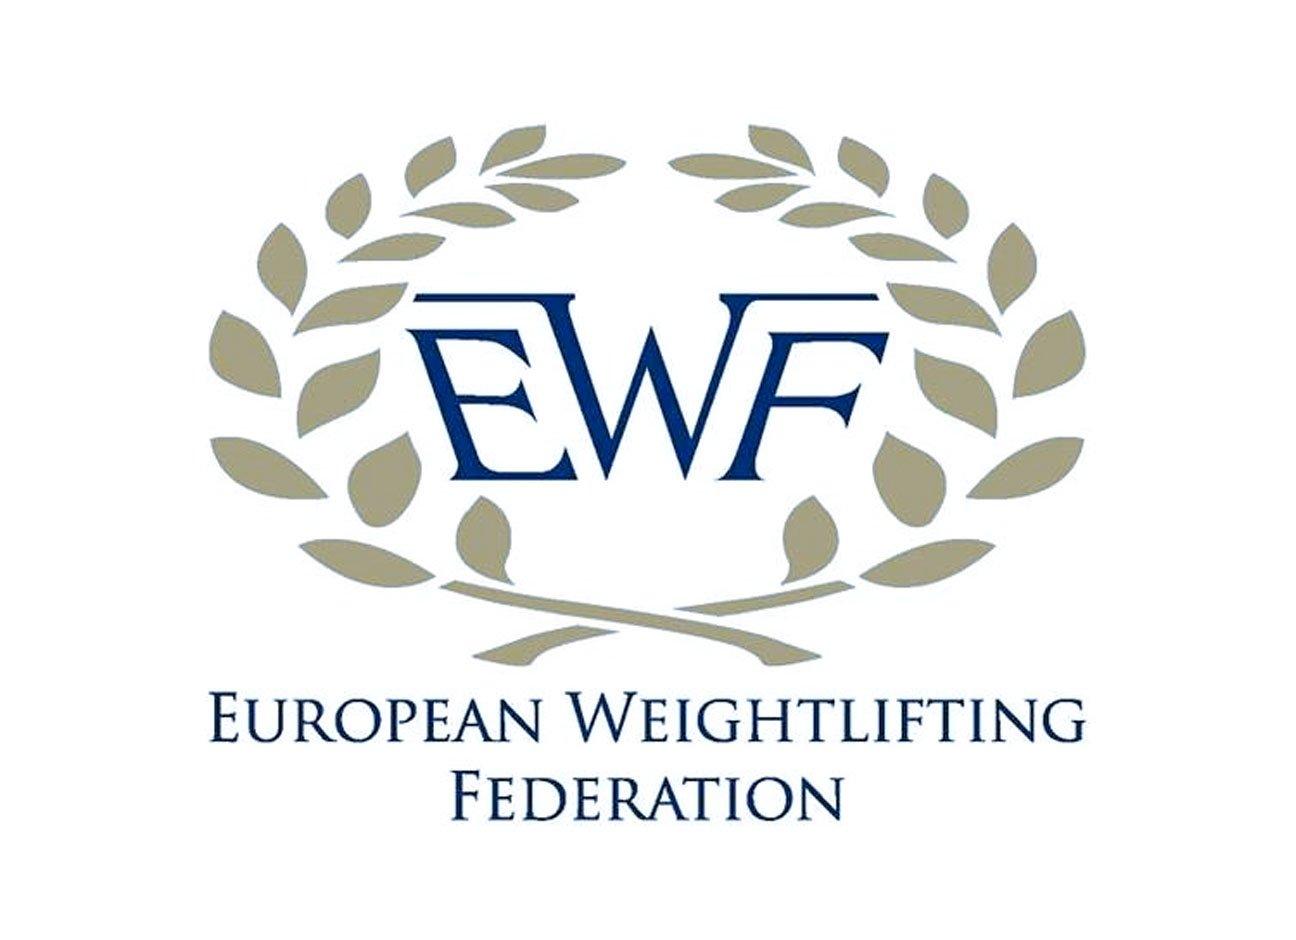 European Weightlifting Federation